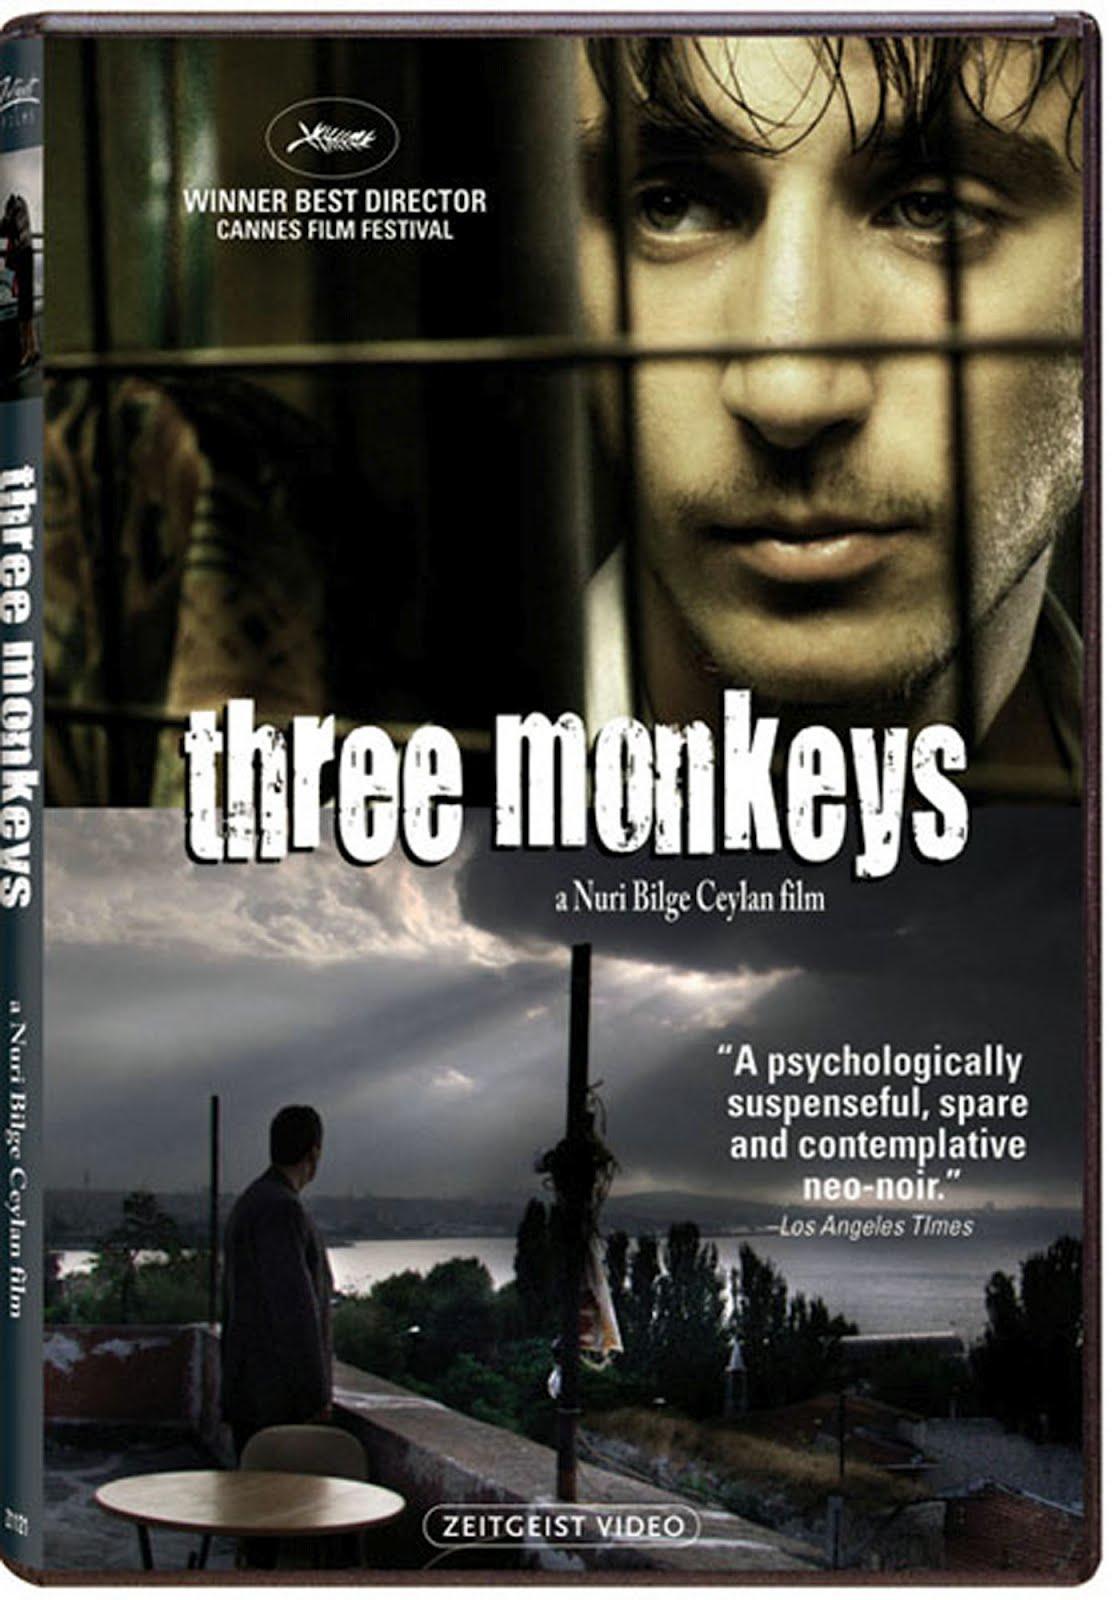 Three Monkeys Dvd Case Box